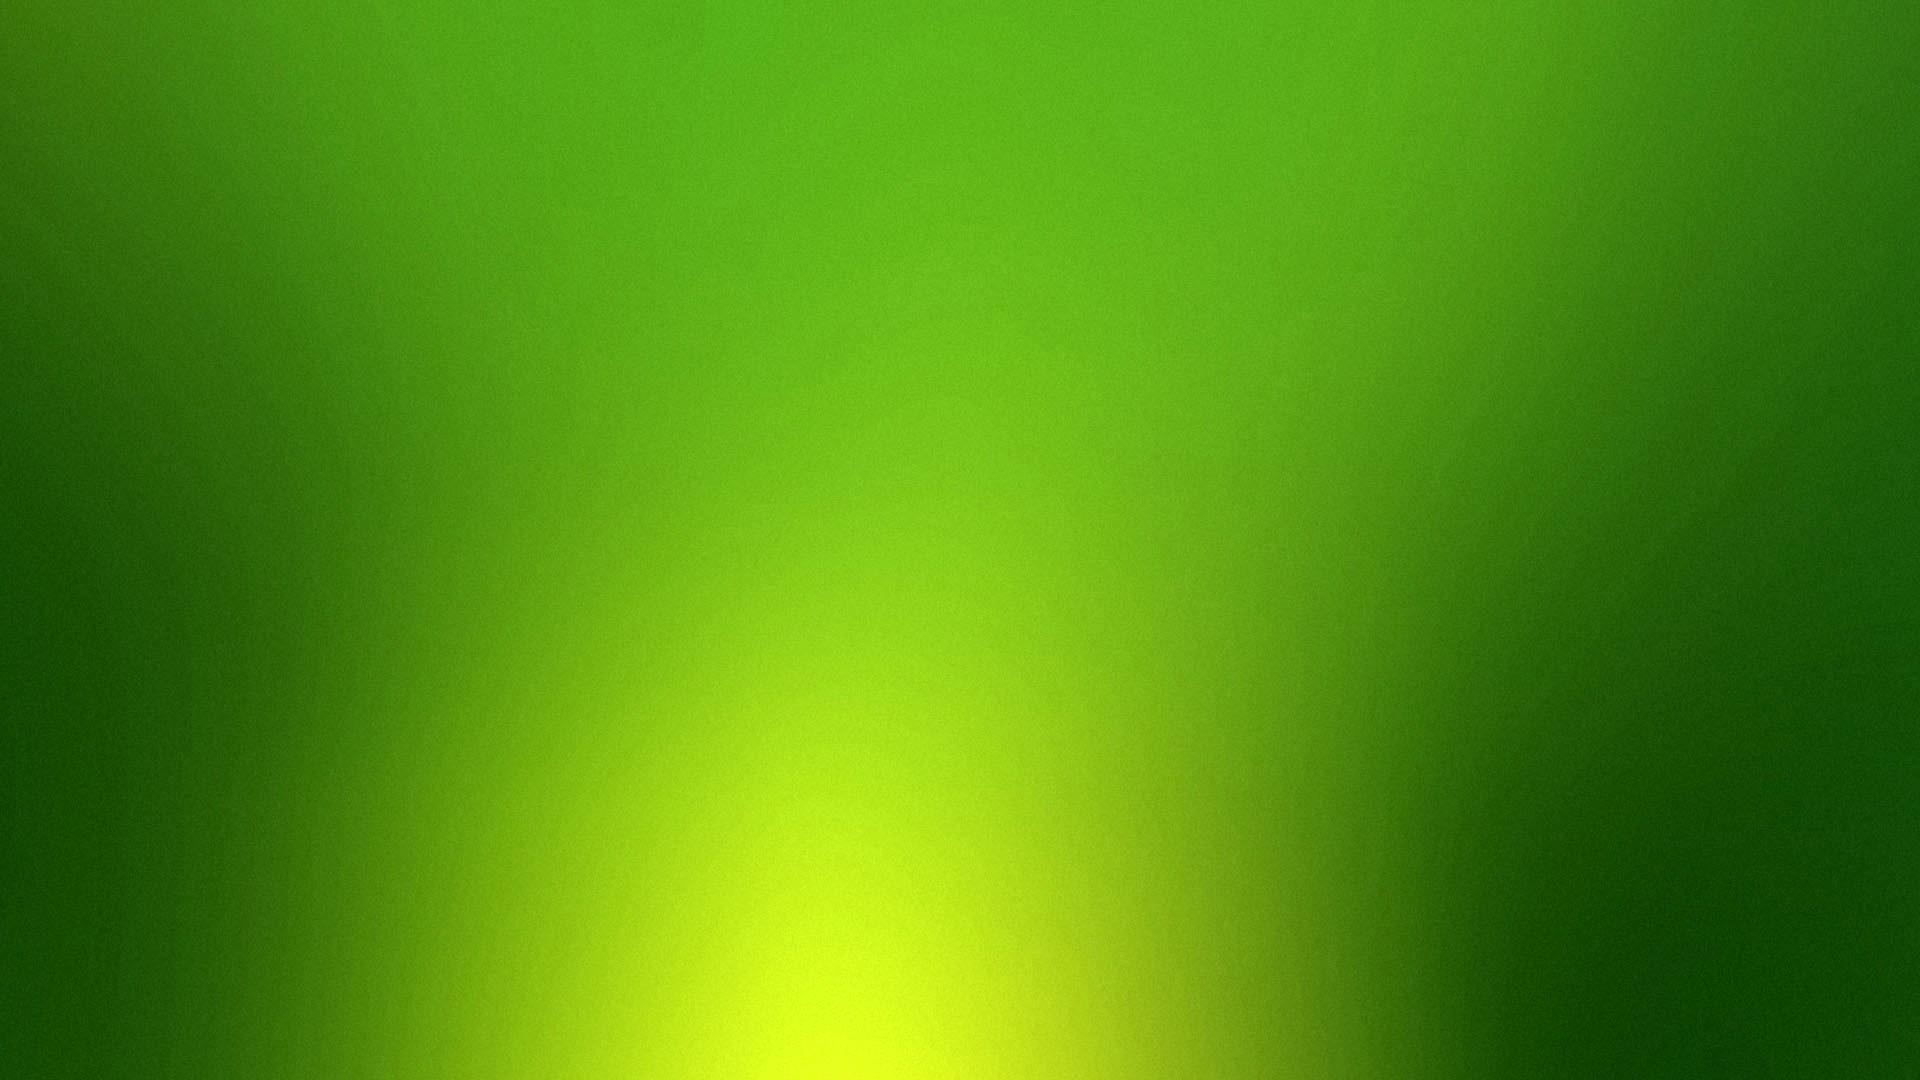 Light Green Background   wallpaper 1920x1080